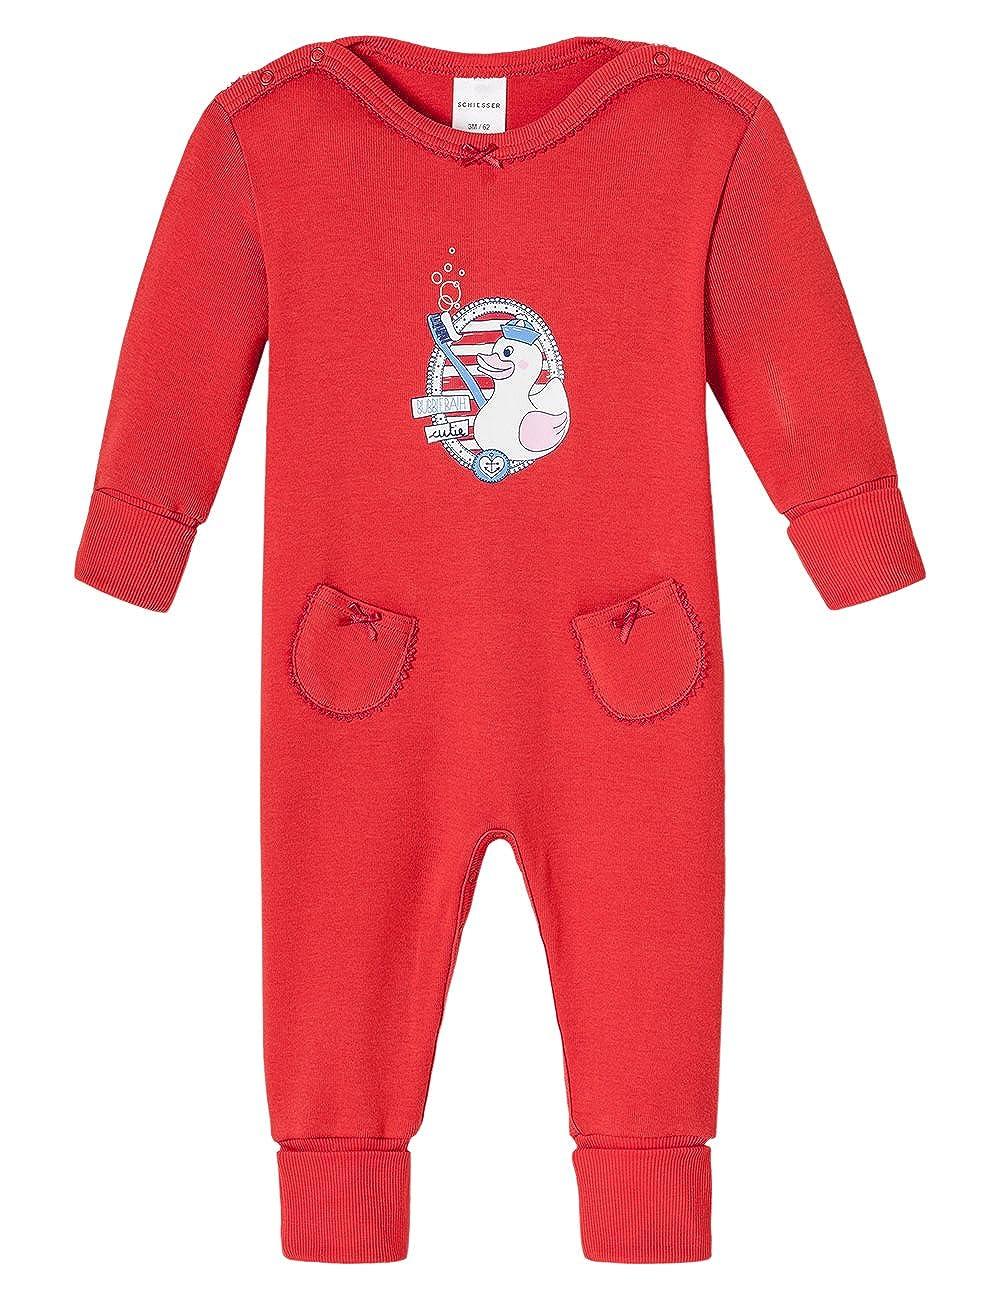 Schiesser Baby - Mädchen Einteiliger Schlafanzug Baby Anzug Mit Vario Schiesser AG 146155